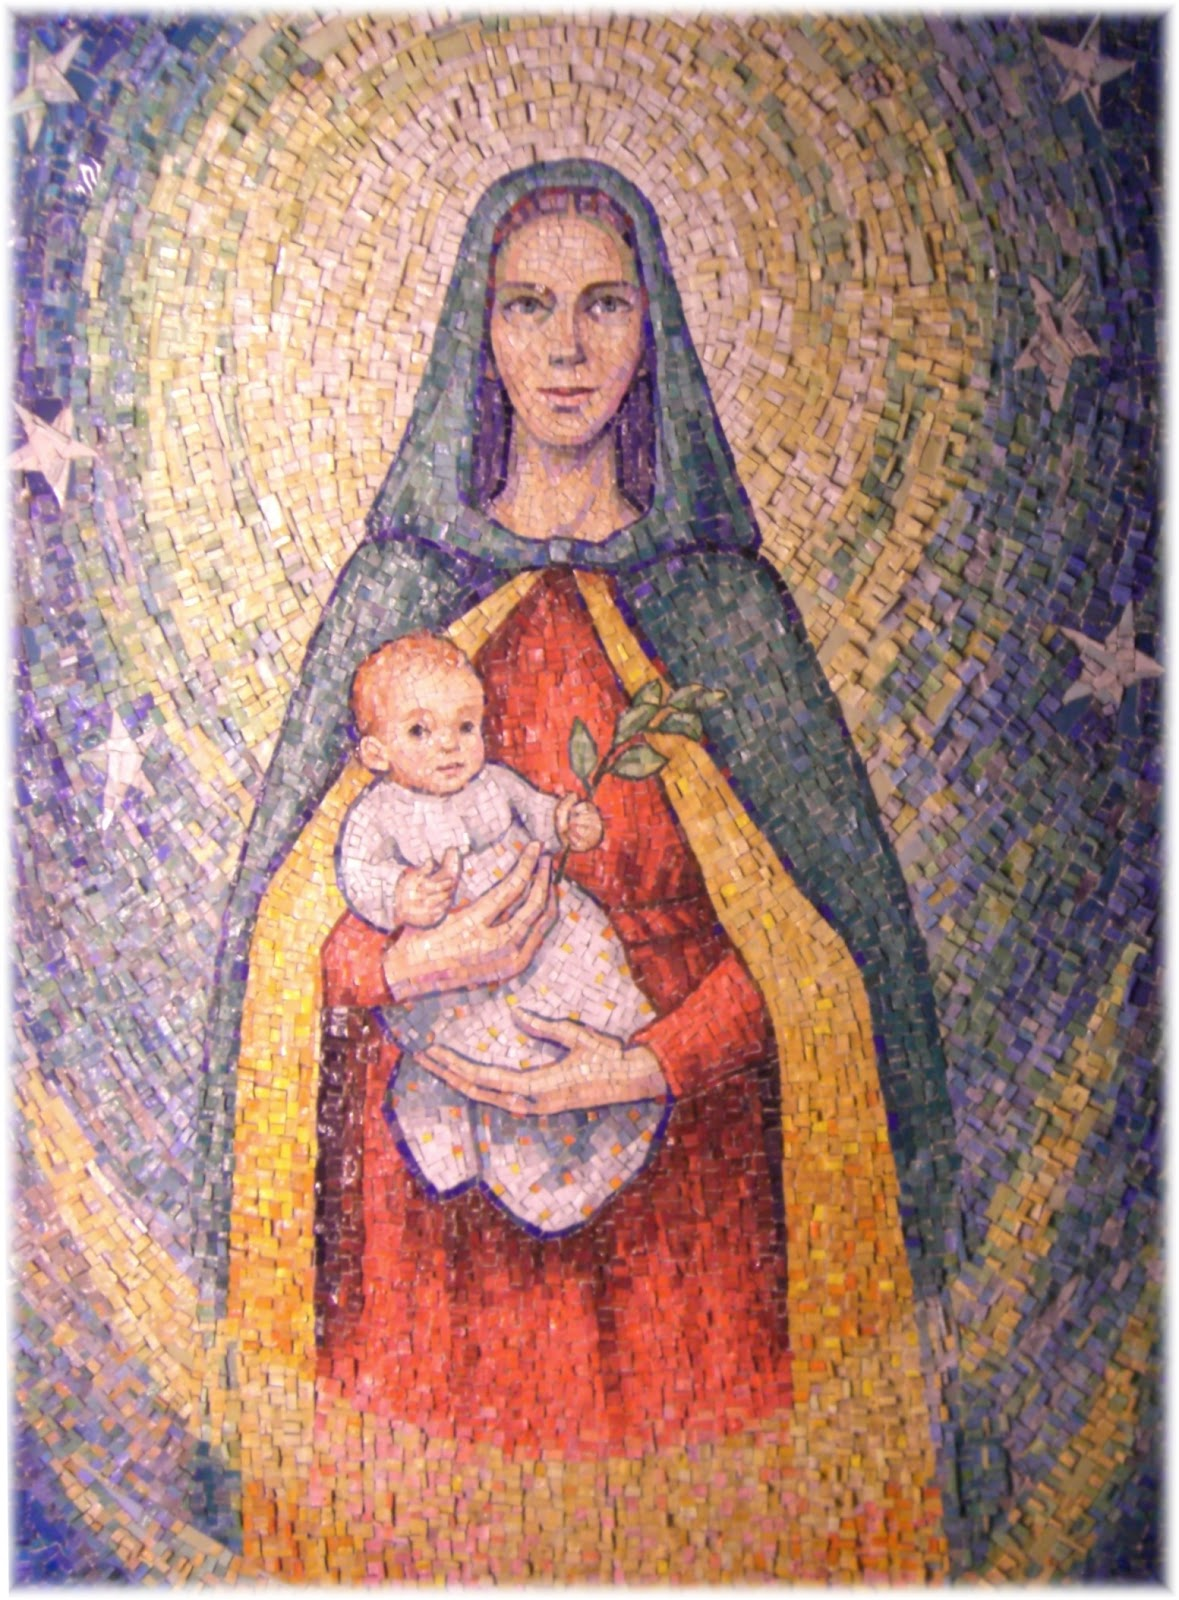 Madonna-con-Bambino-mosaico-di-Elena-Mazzari-1994-nella-chiesa-di-S.-Camillo-de-Lellis-di-Padova-particolare.JPG